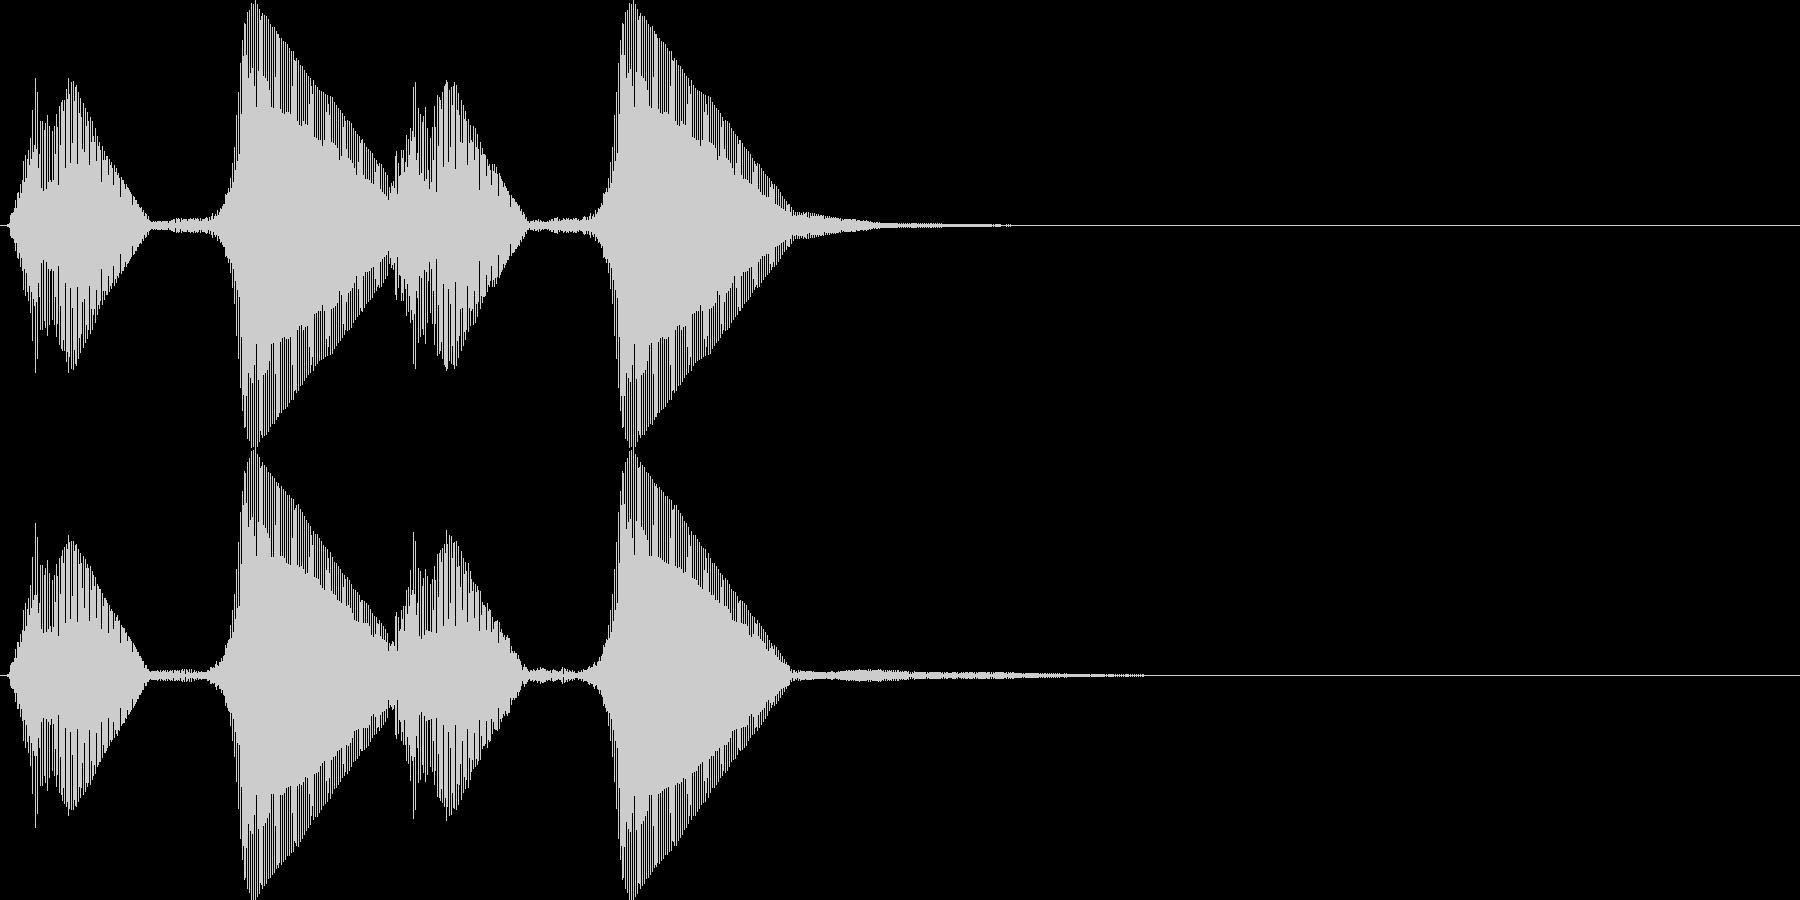 パフパフ。パフパフラッパB(低・2連発)の未再生の波形